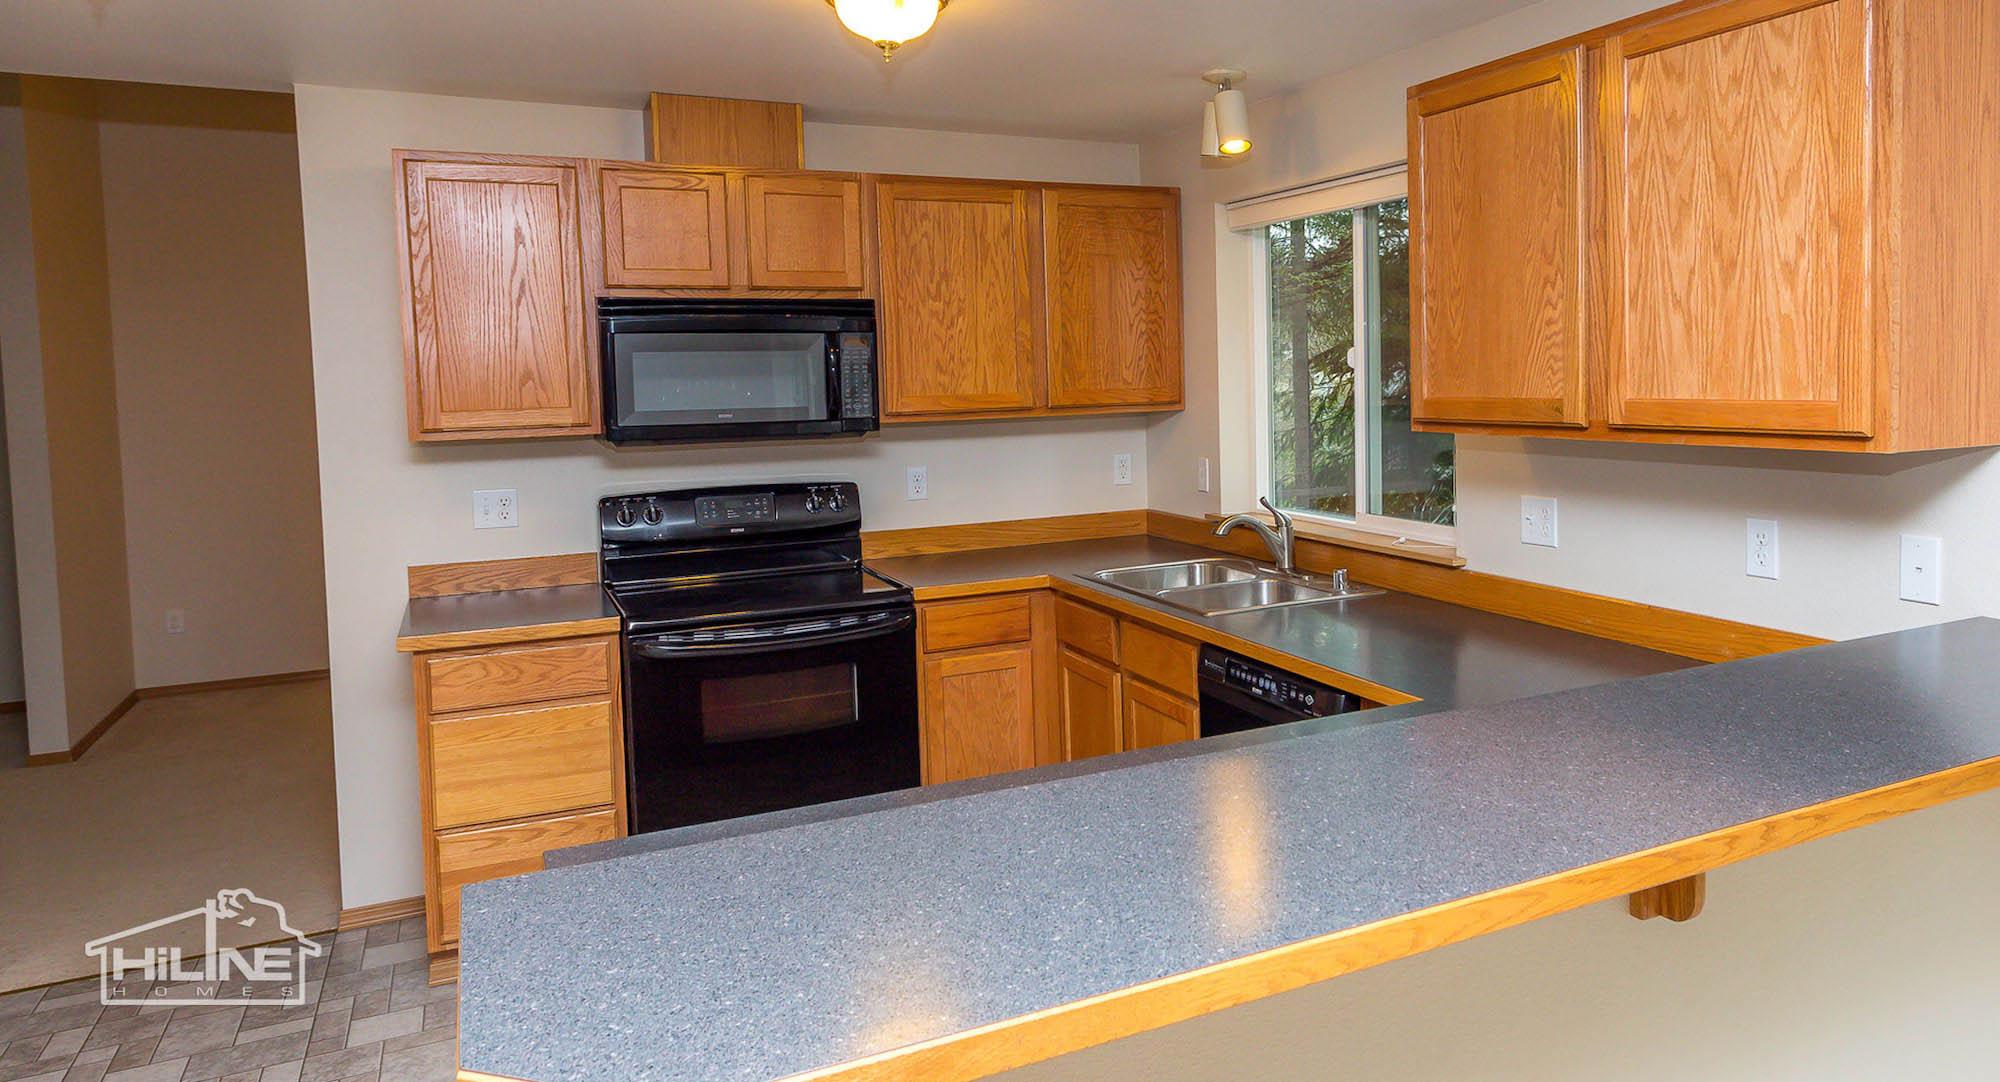 HiLine Home Plan 2345 Kitchen